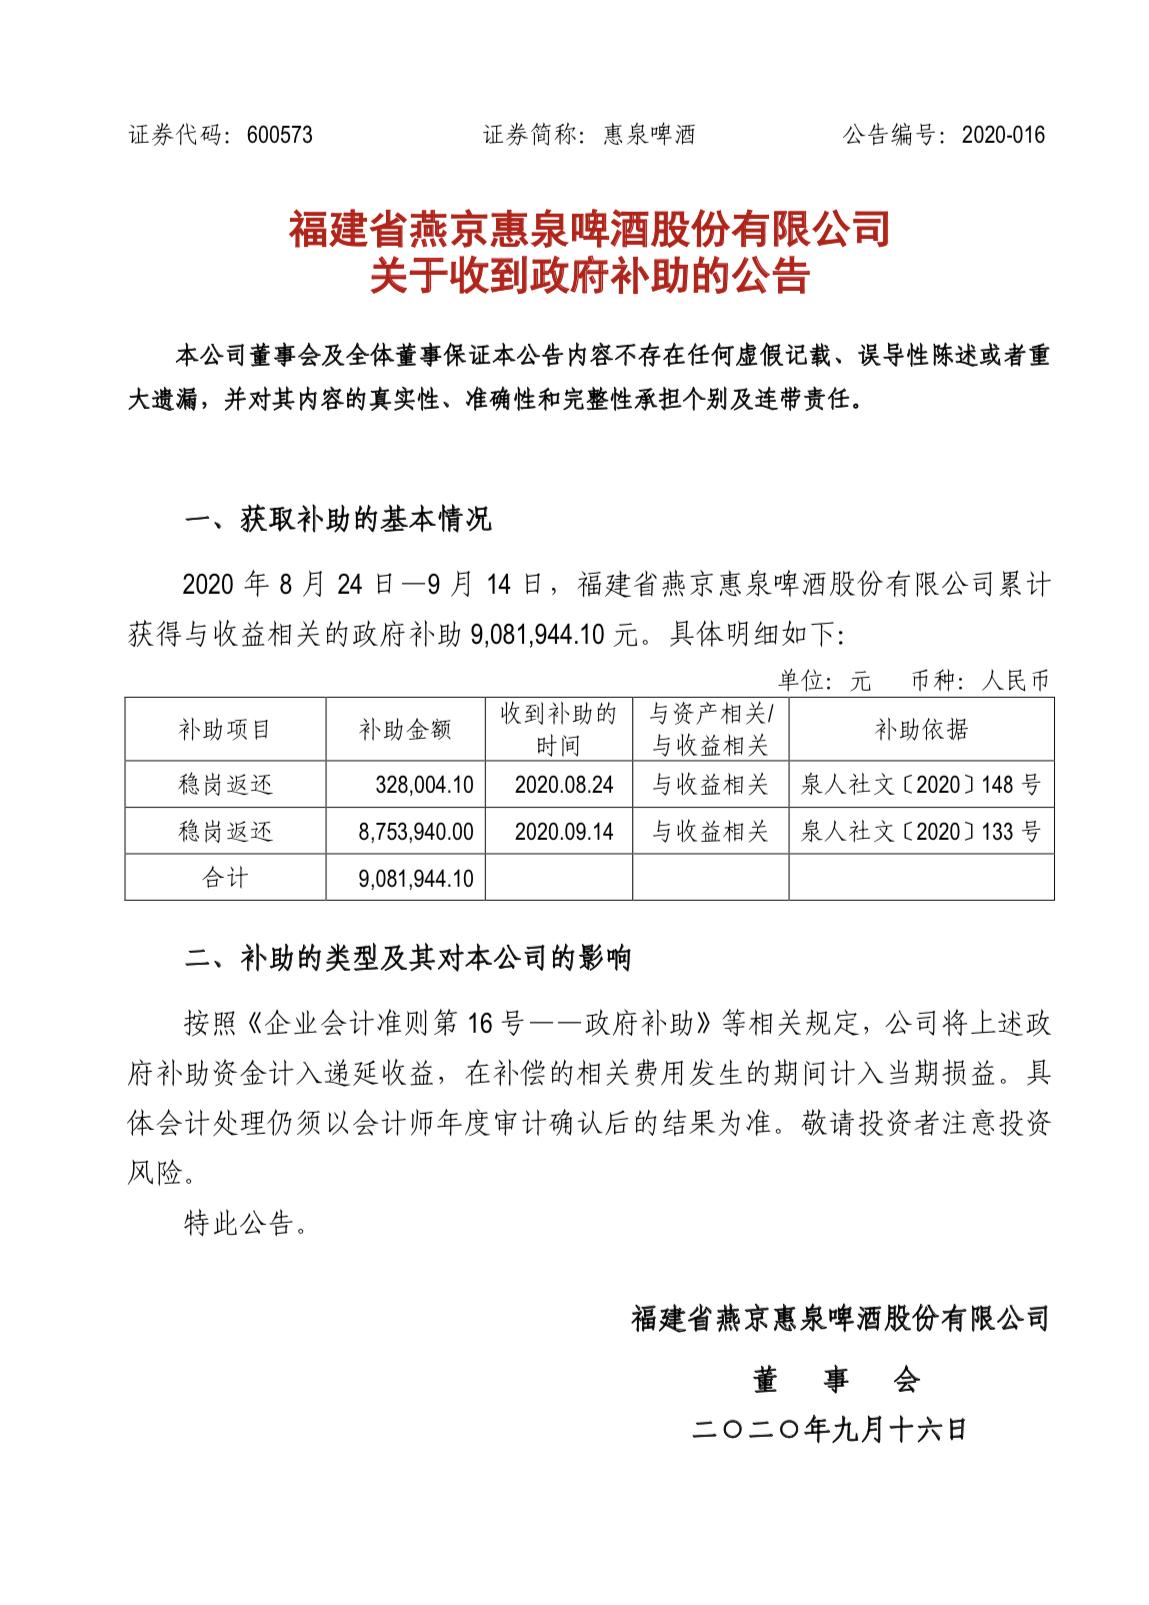 惠泉啤酒近期获得与收益相关的政府补助908.19万元